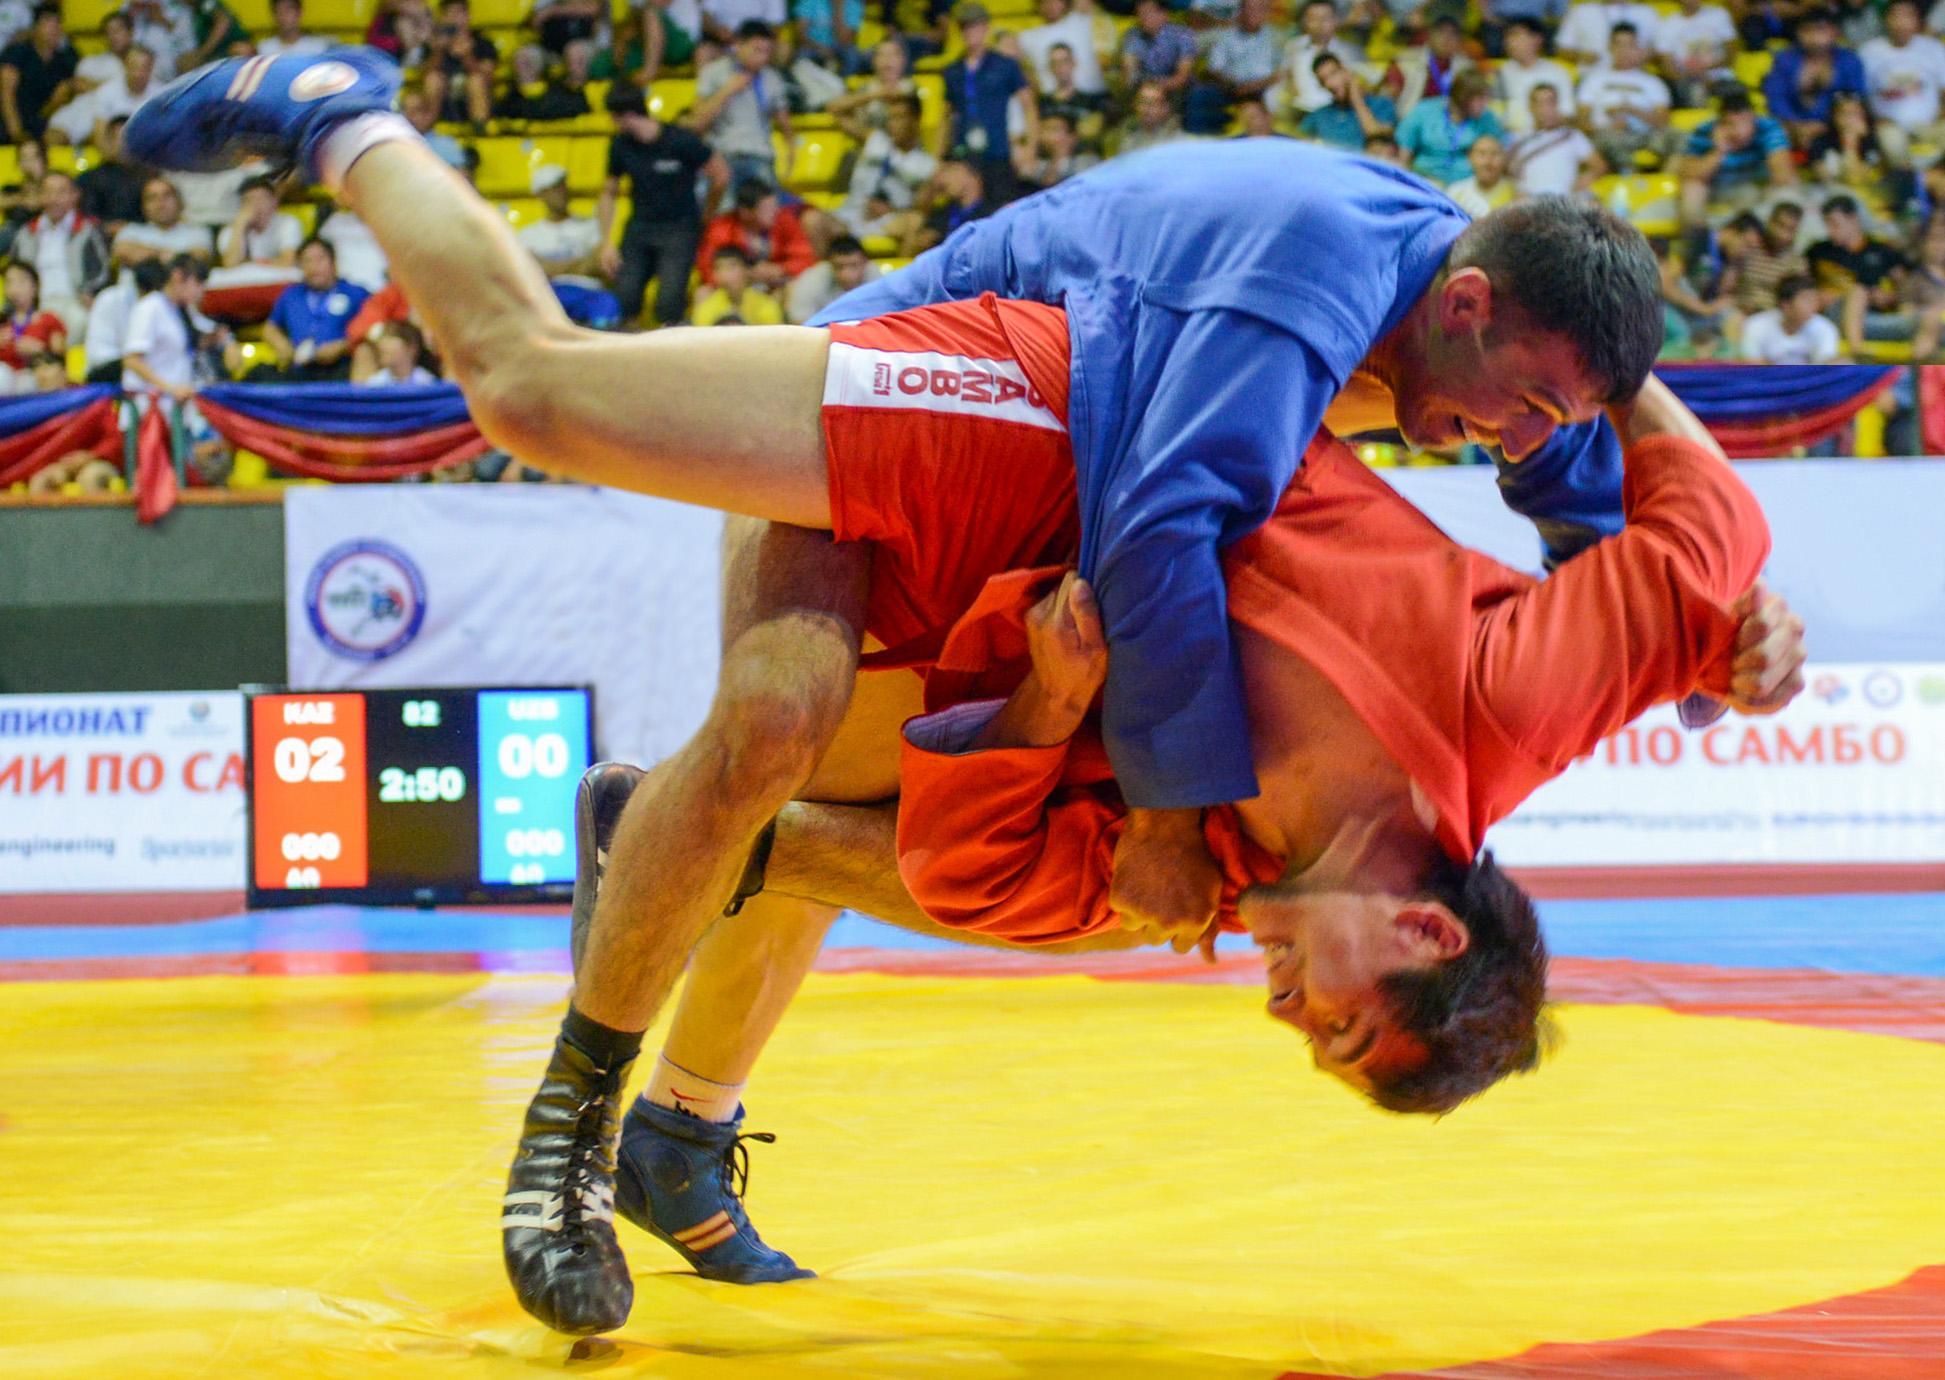 У Бобруйских самбистов бронзовая медаль мирового Чемпионата